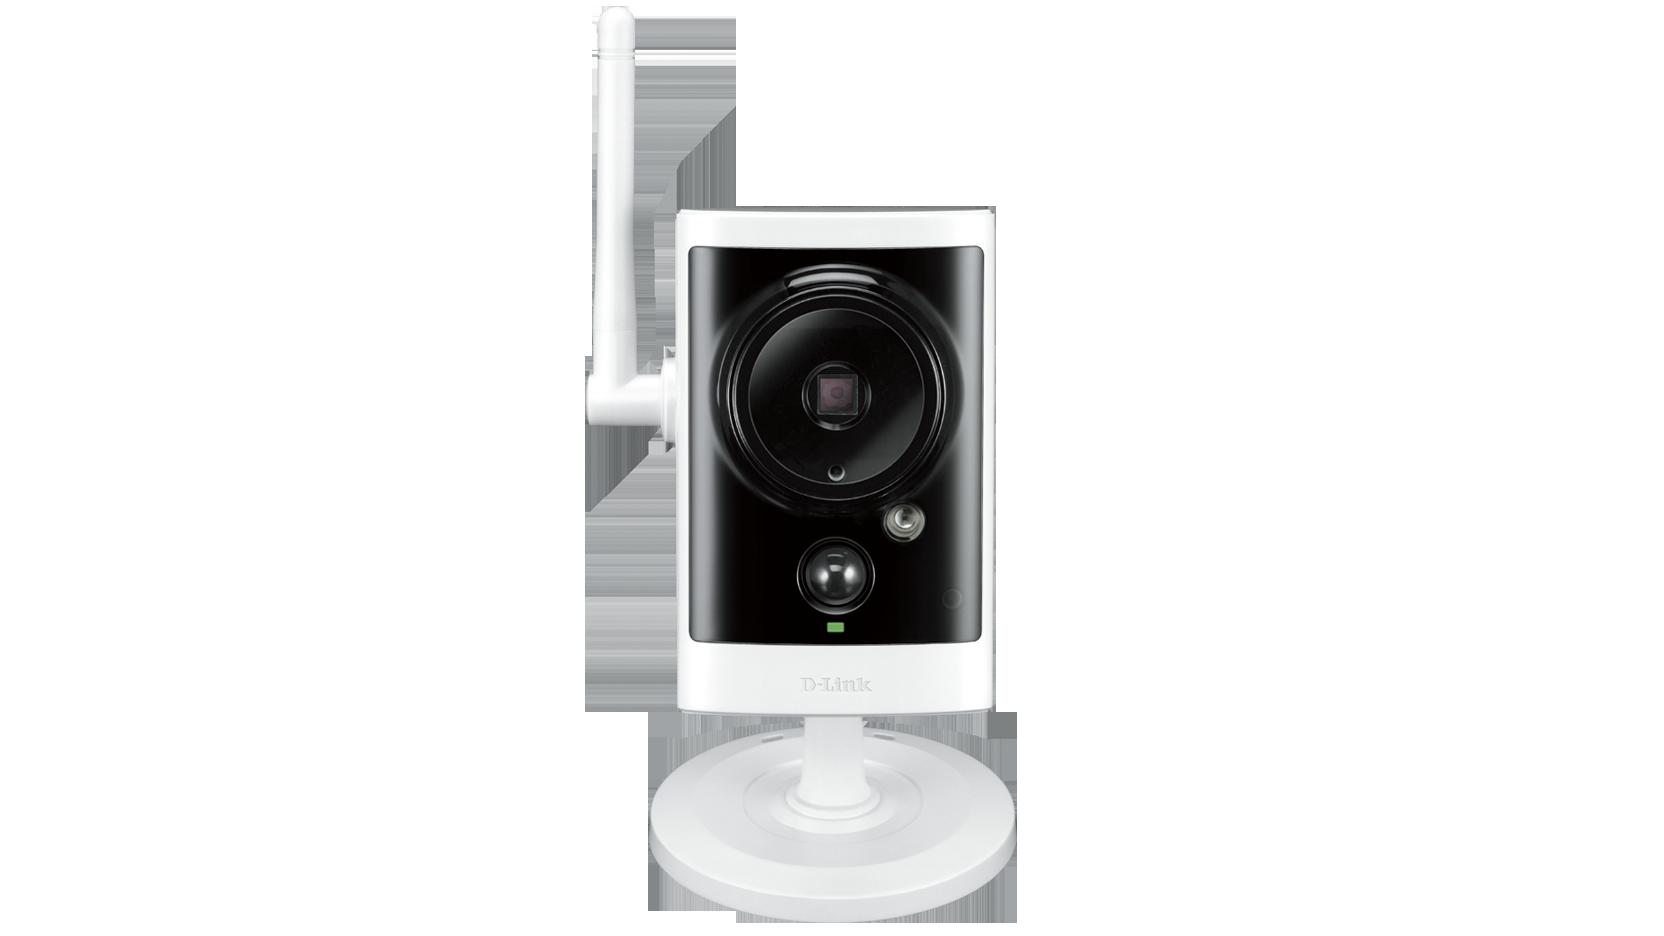 D-Link DCS-2330L Network Camera Drivers (2019)